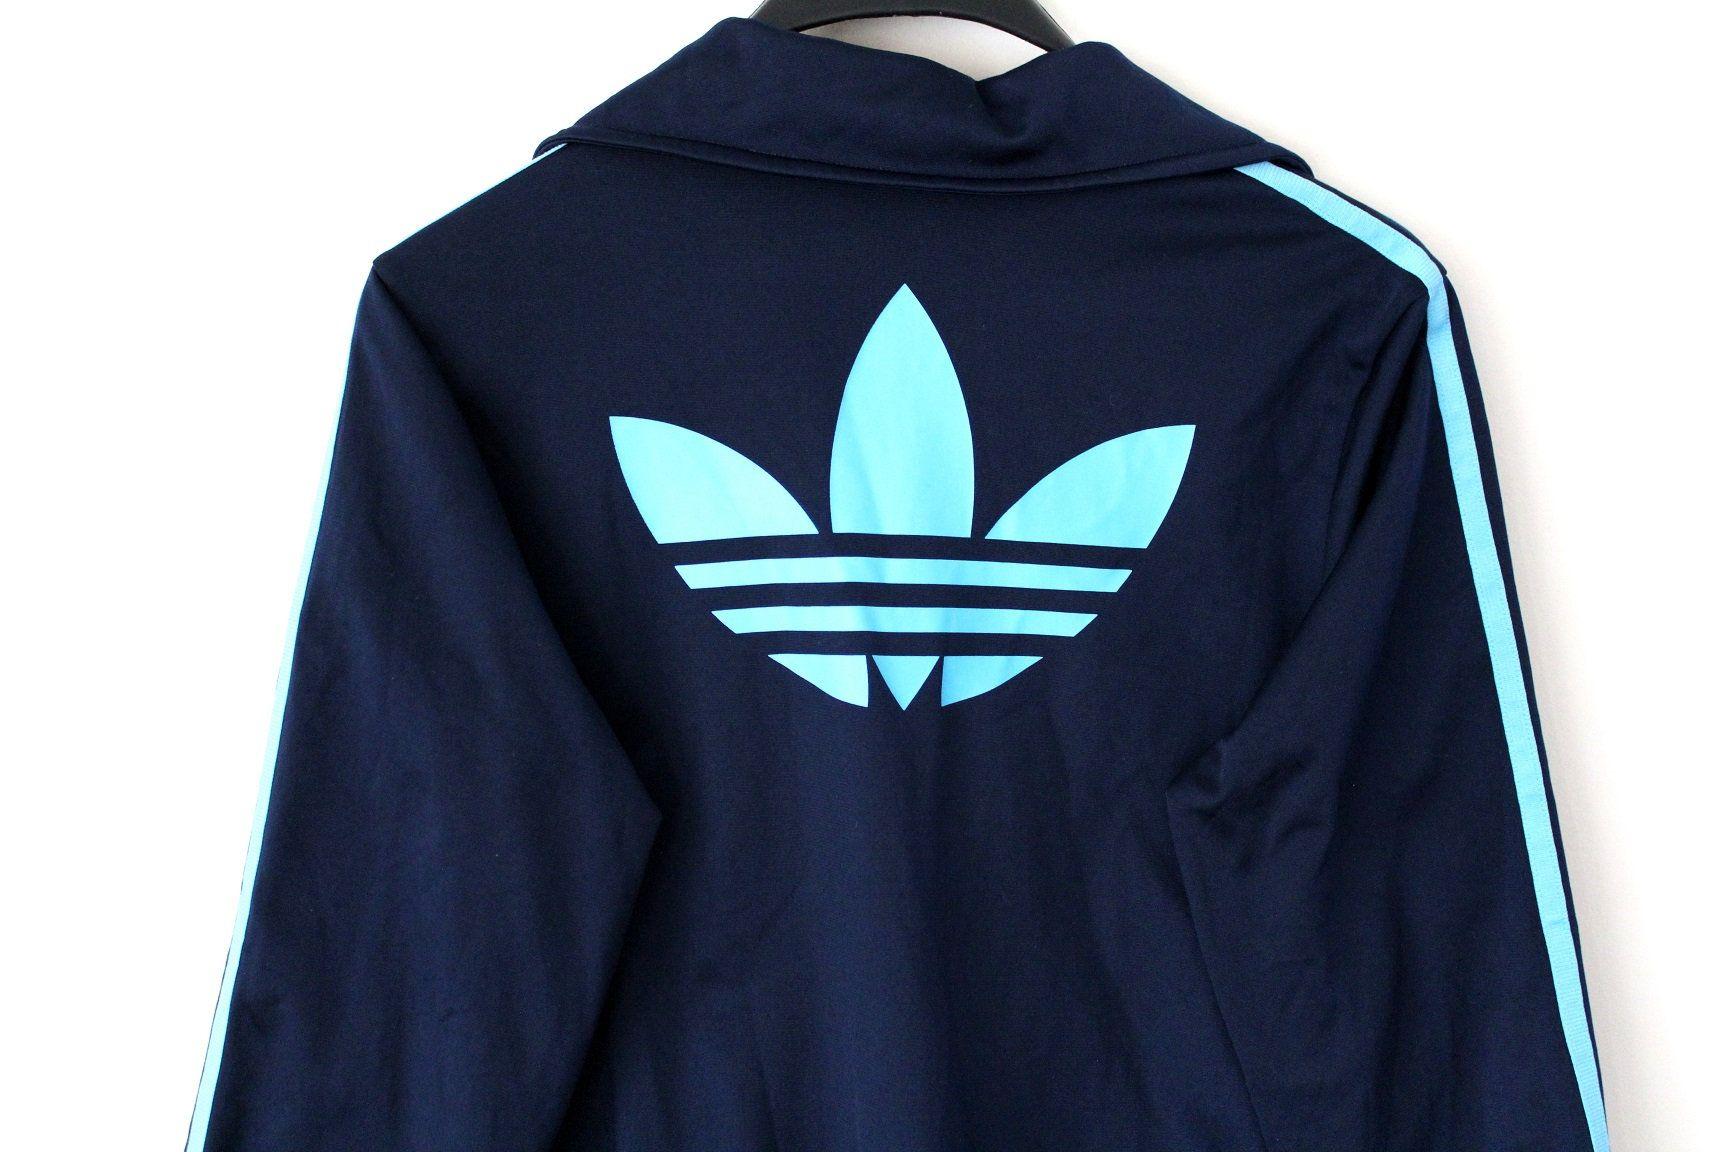 Blue Vintage Adidas Jacket Rare Adidas Windbreaker Trefoil Etsy Adidas Jacket Adidas Windbreaker Vintage Adidas [ 1152 x 1728 Pixel ]